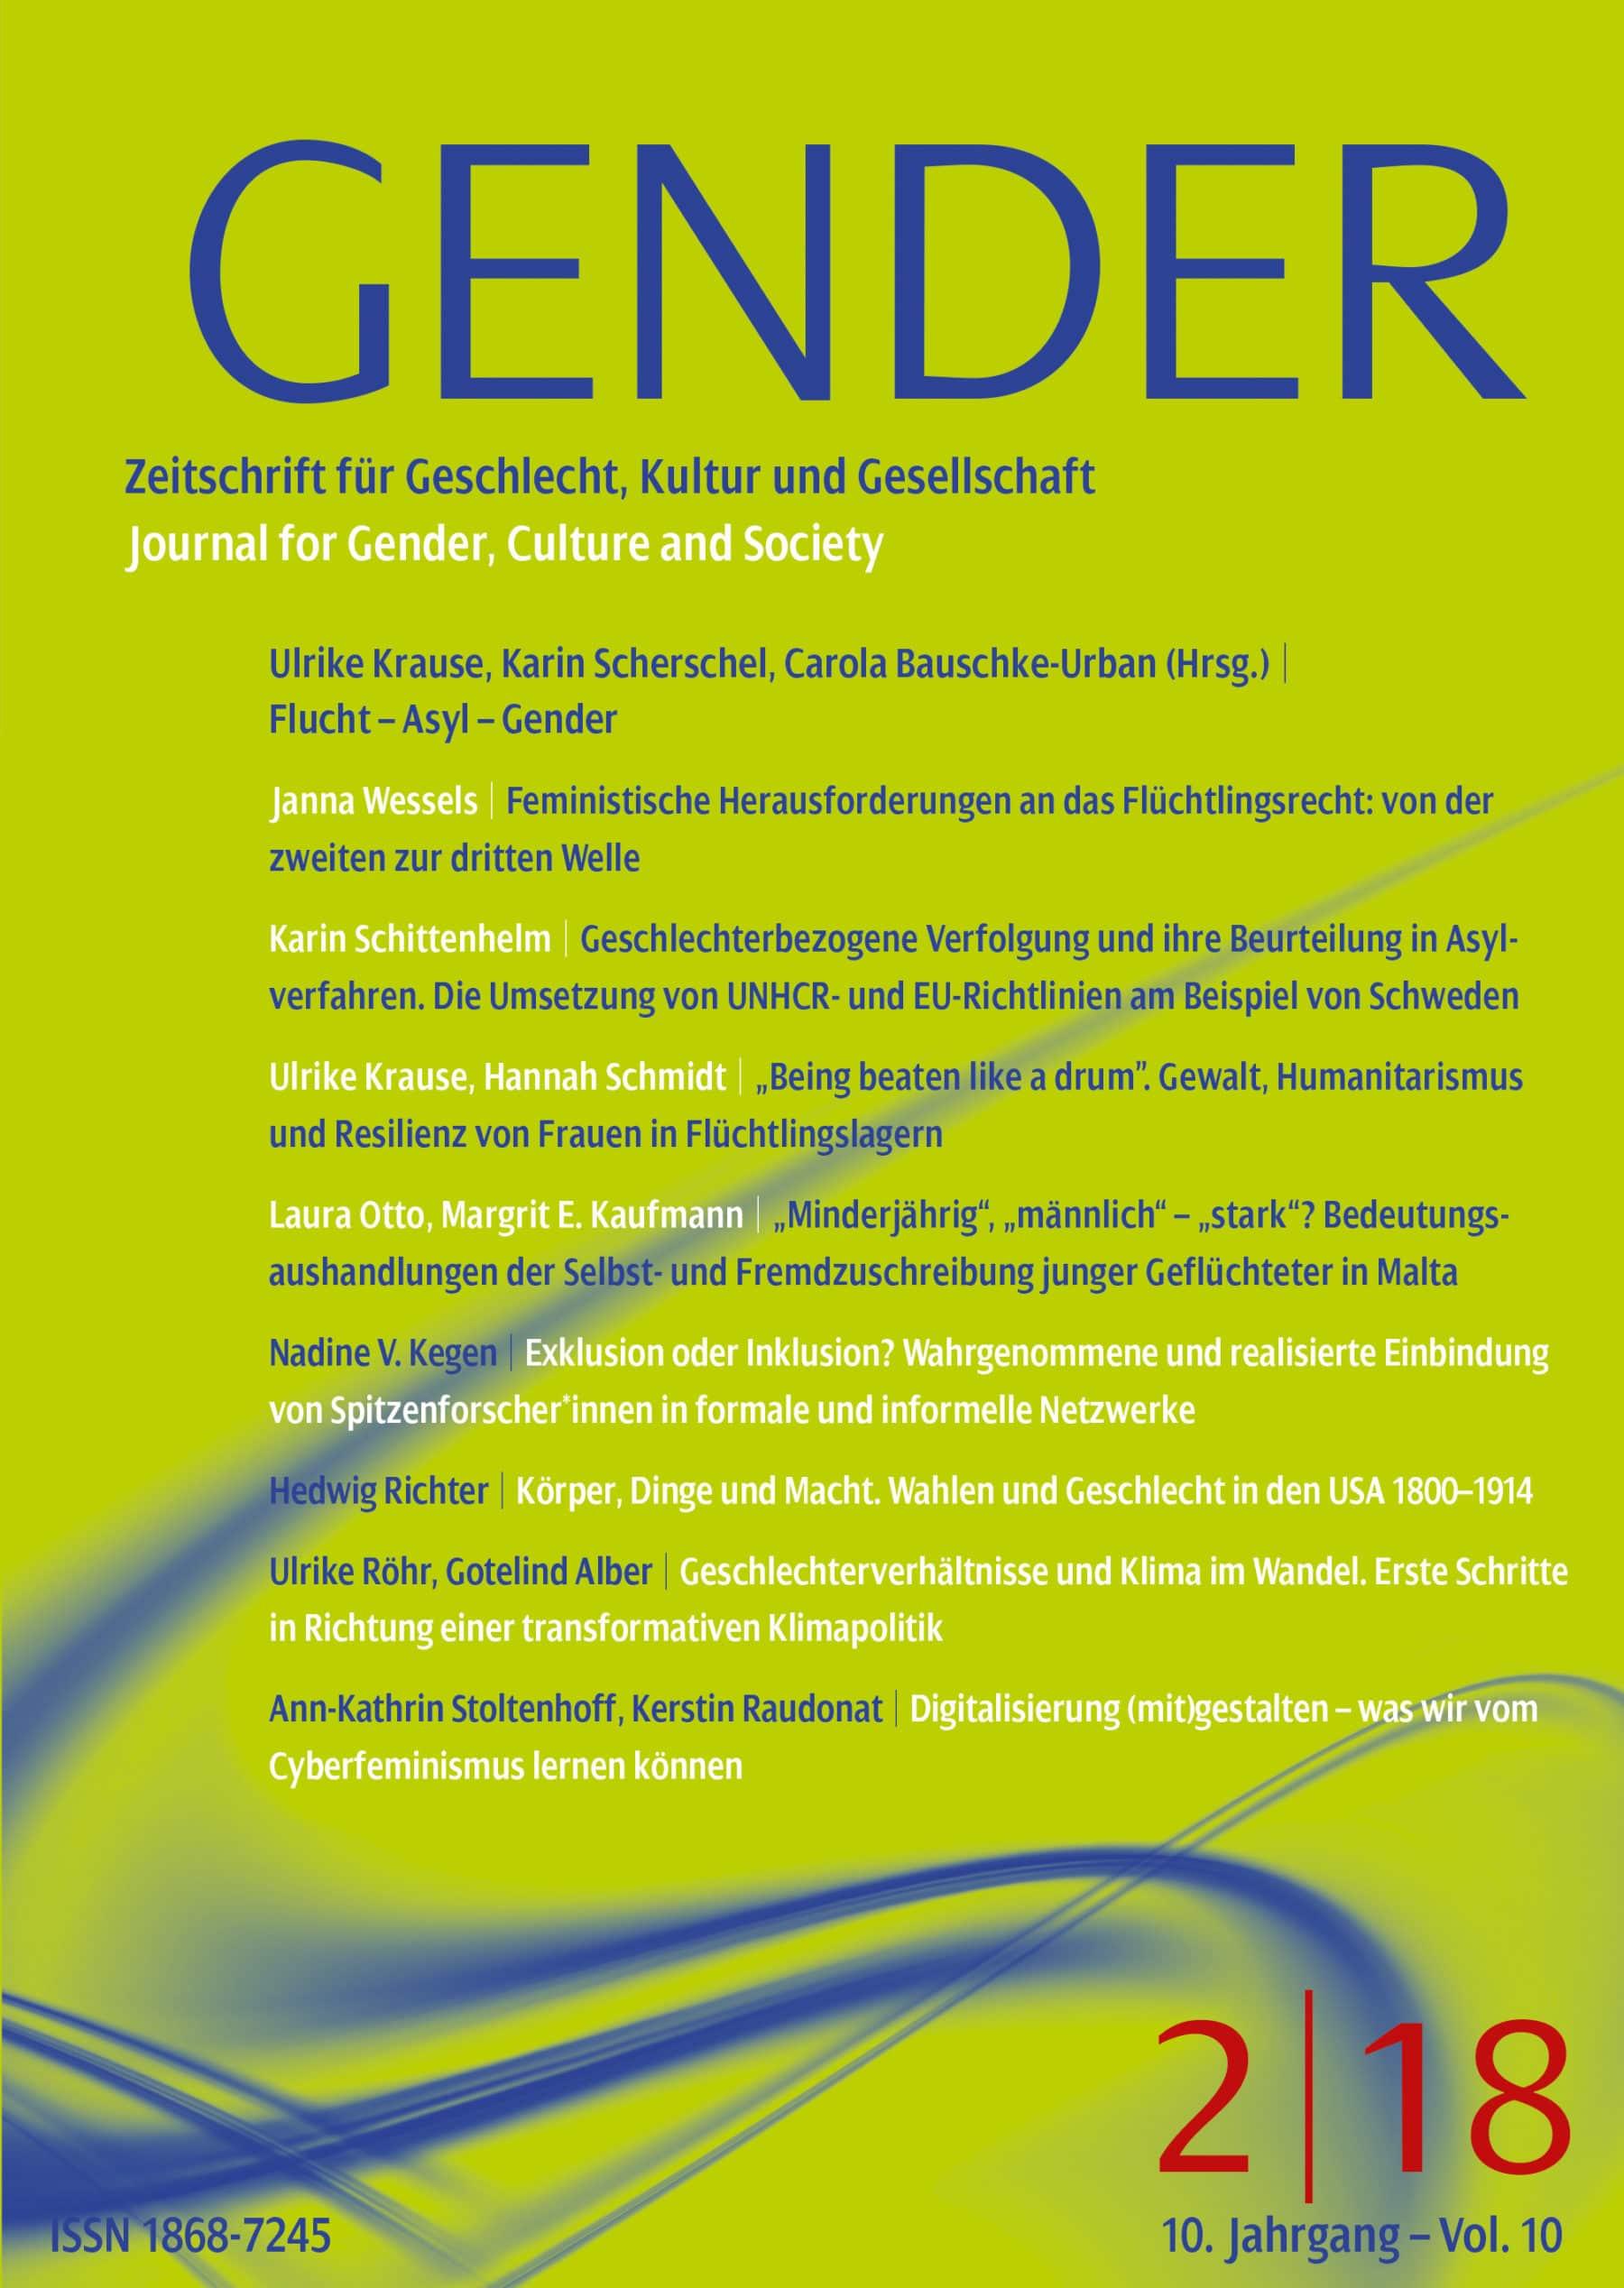 GENDER – Zeitschrift für Geschlecht, Kultur und Gesellschaft 2-2018: Flucht – Asyl – Gender